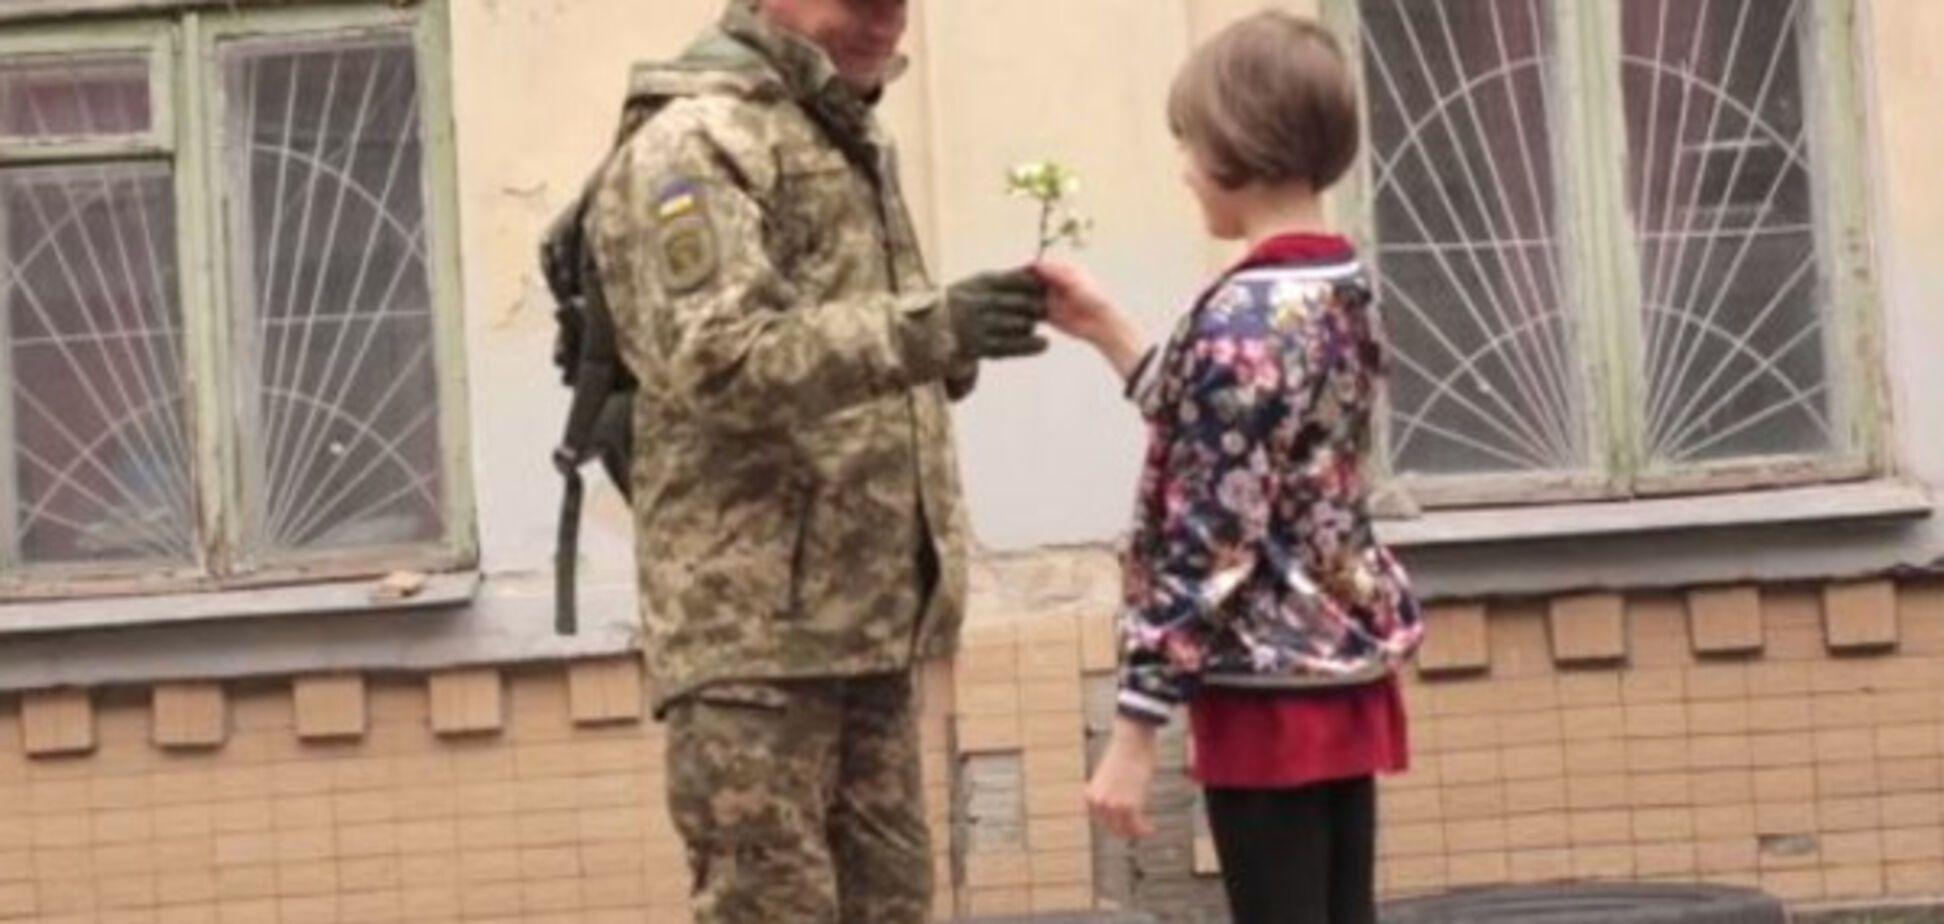 Падчерица нардепа Лещенко спела в клипе у своего отца: опубликовано видео